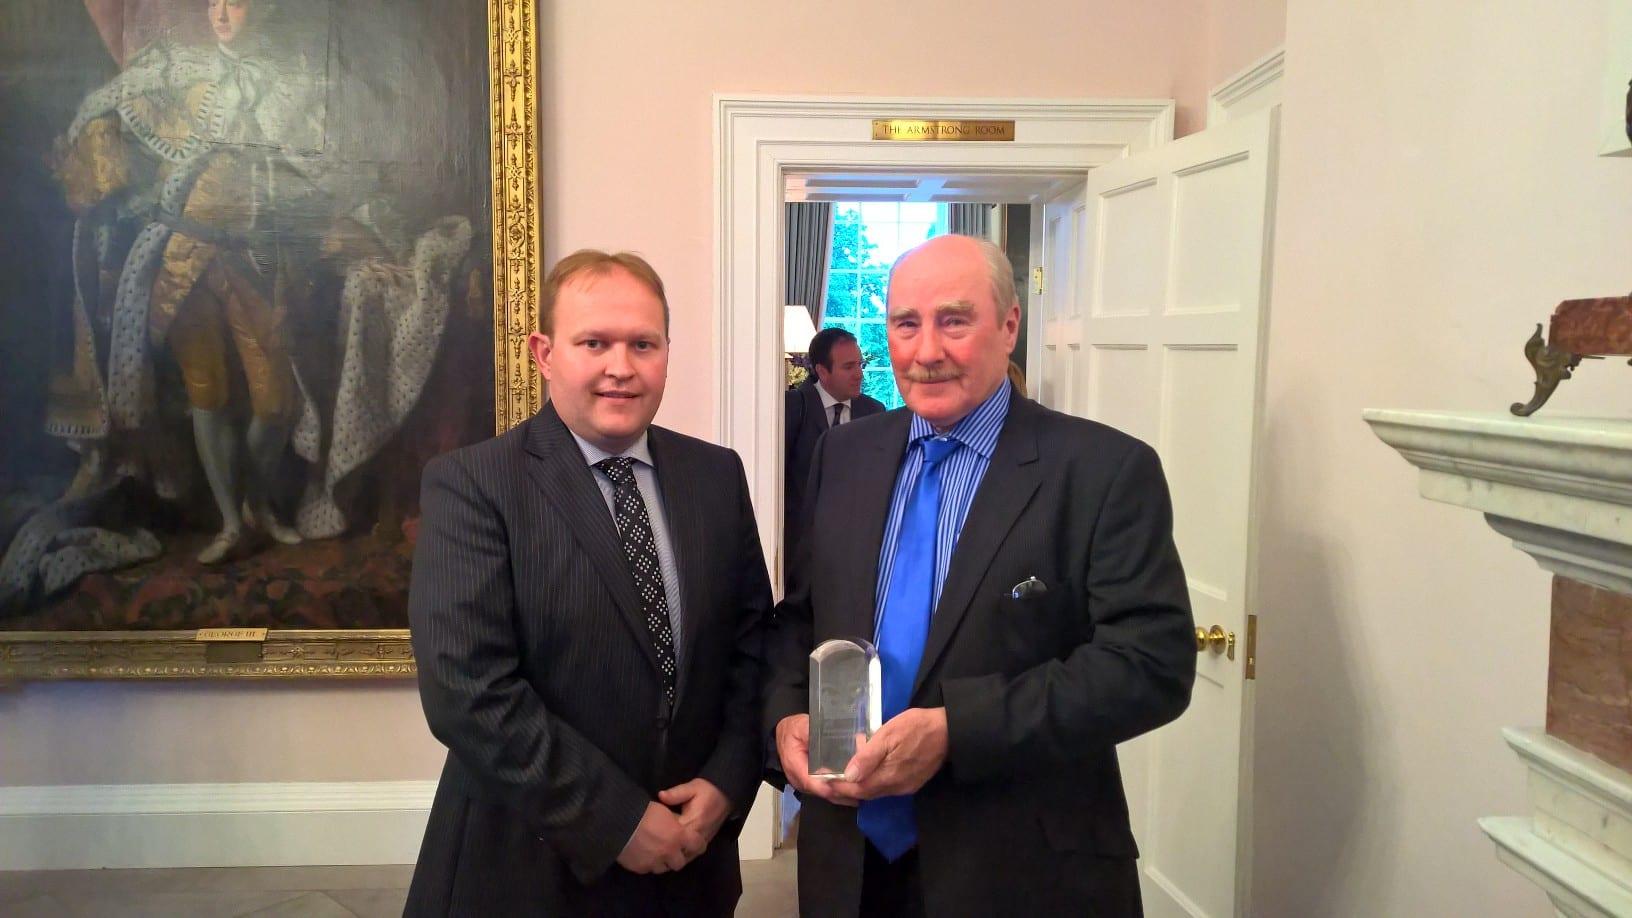 Cllr Gareth Wilson pictured with Award recipient Mervyn Dougan